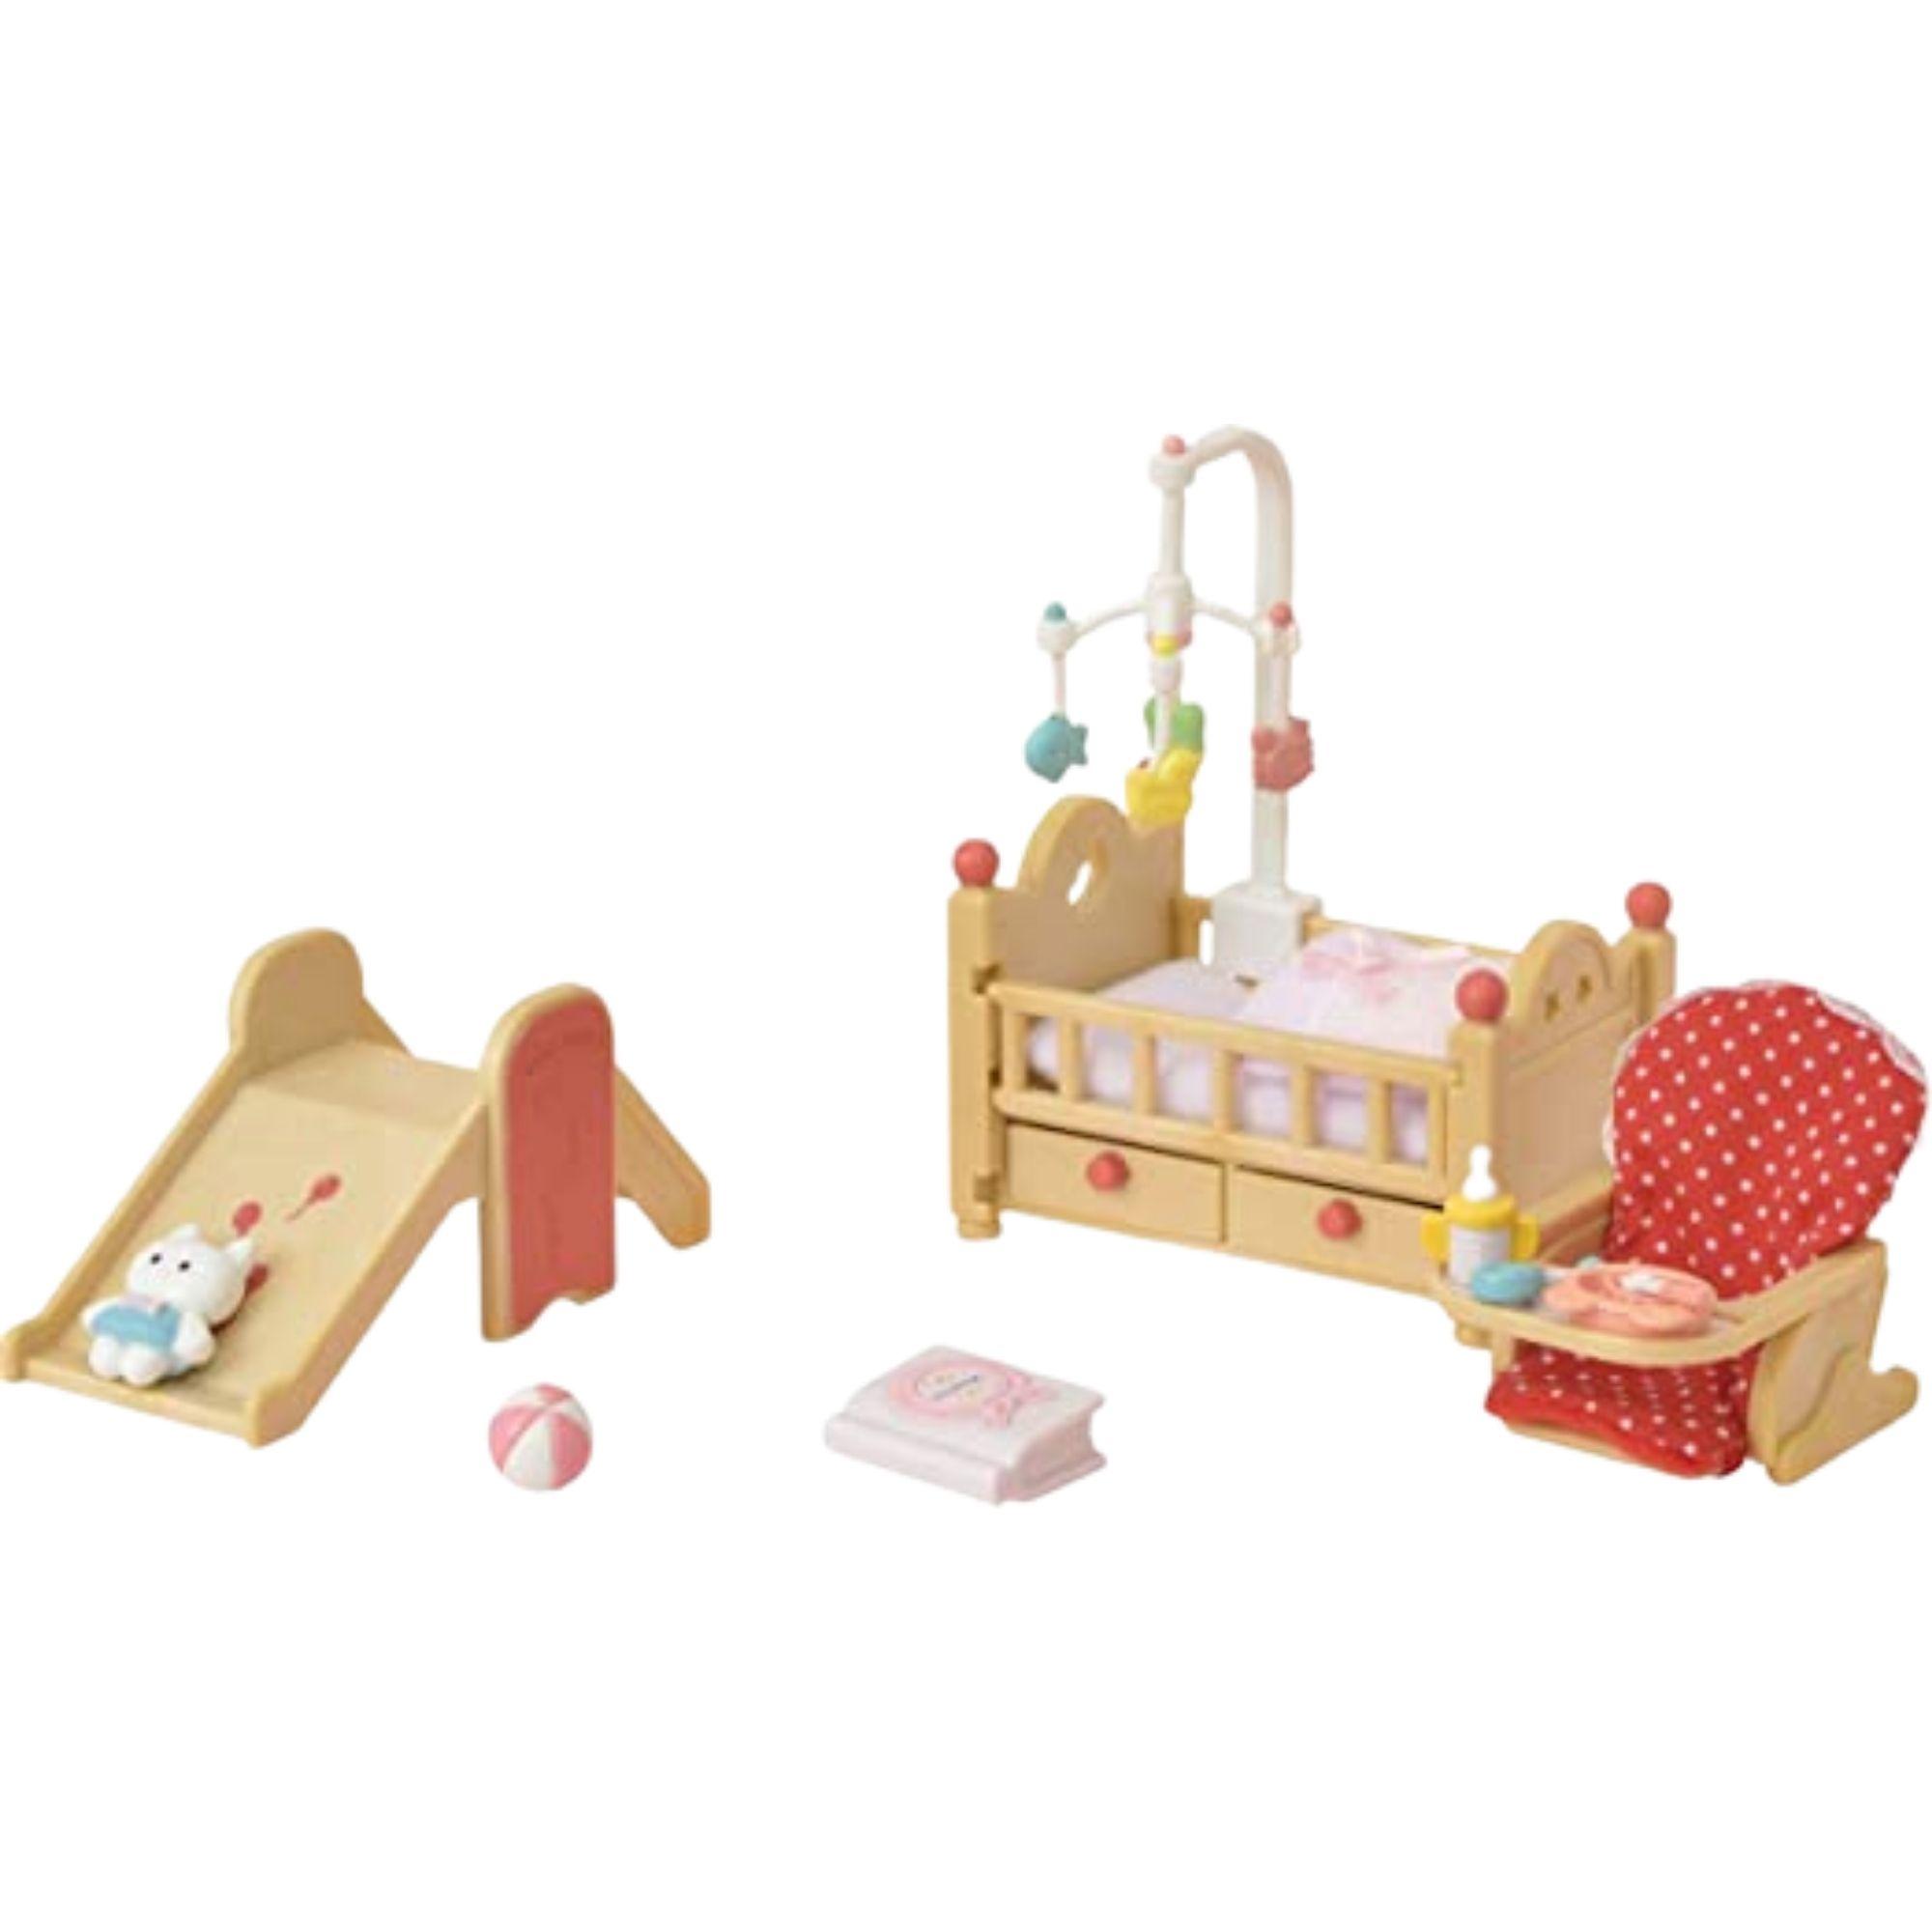 Brinquedo Sylvanian Families Conjunto Móveis do Berçario Epoch   - Game Land Brinquedos